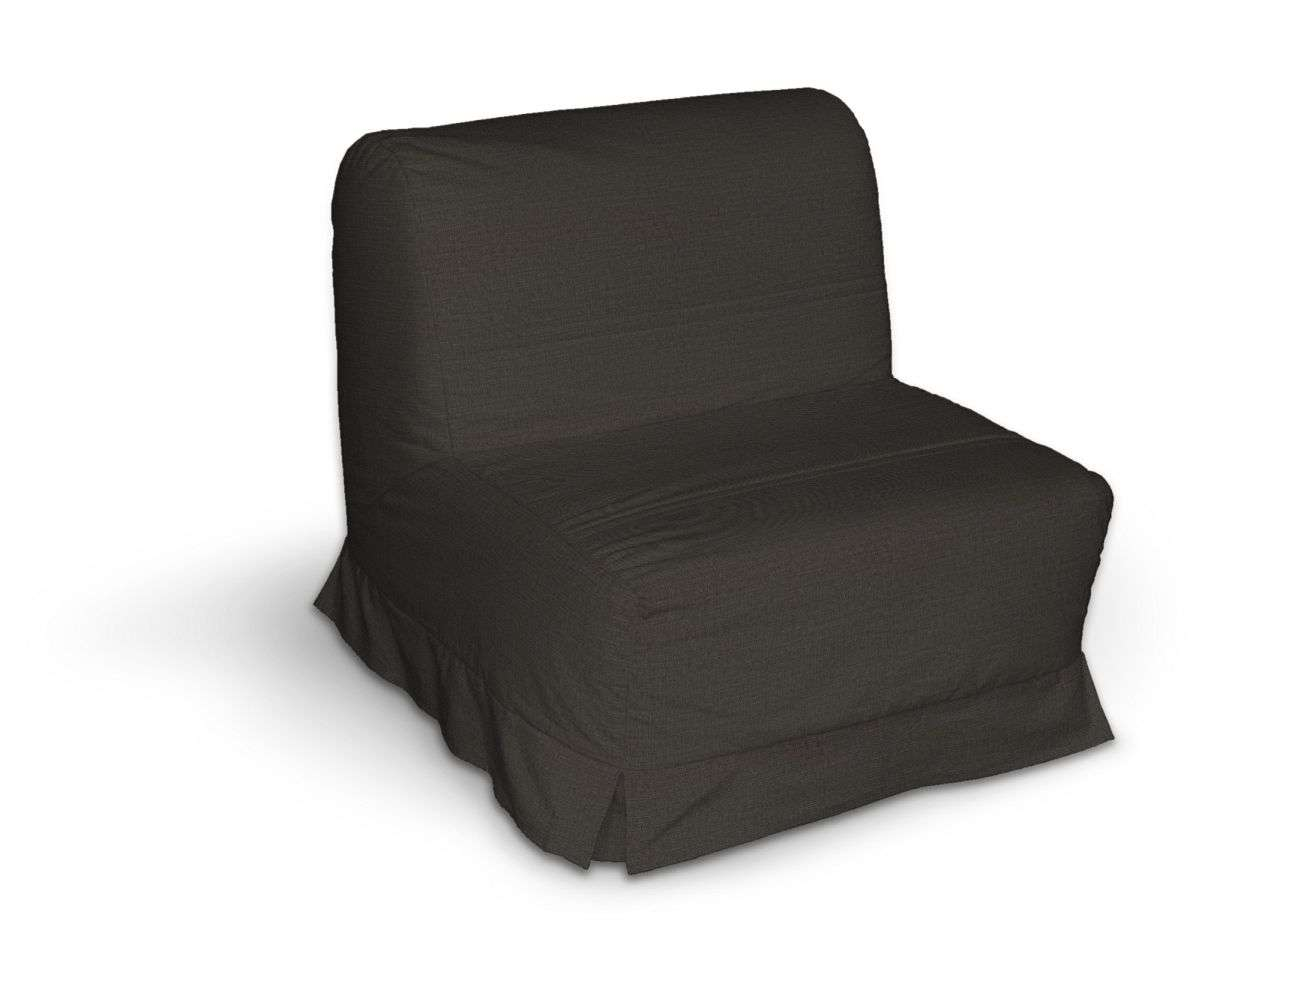 Pokrowiec na fotel Lycksele z kontrafałdami sofa Lycksele 1os. w kolekcji Vintage, tkanina: 702-36